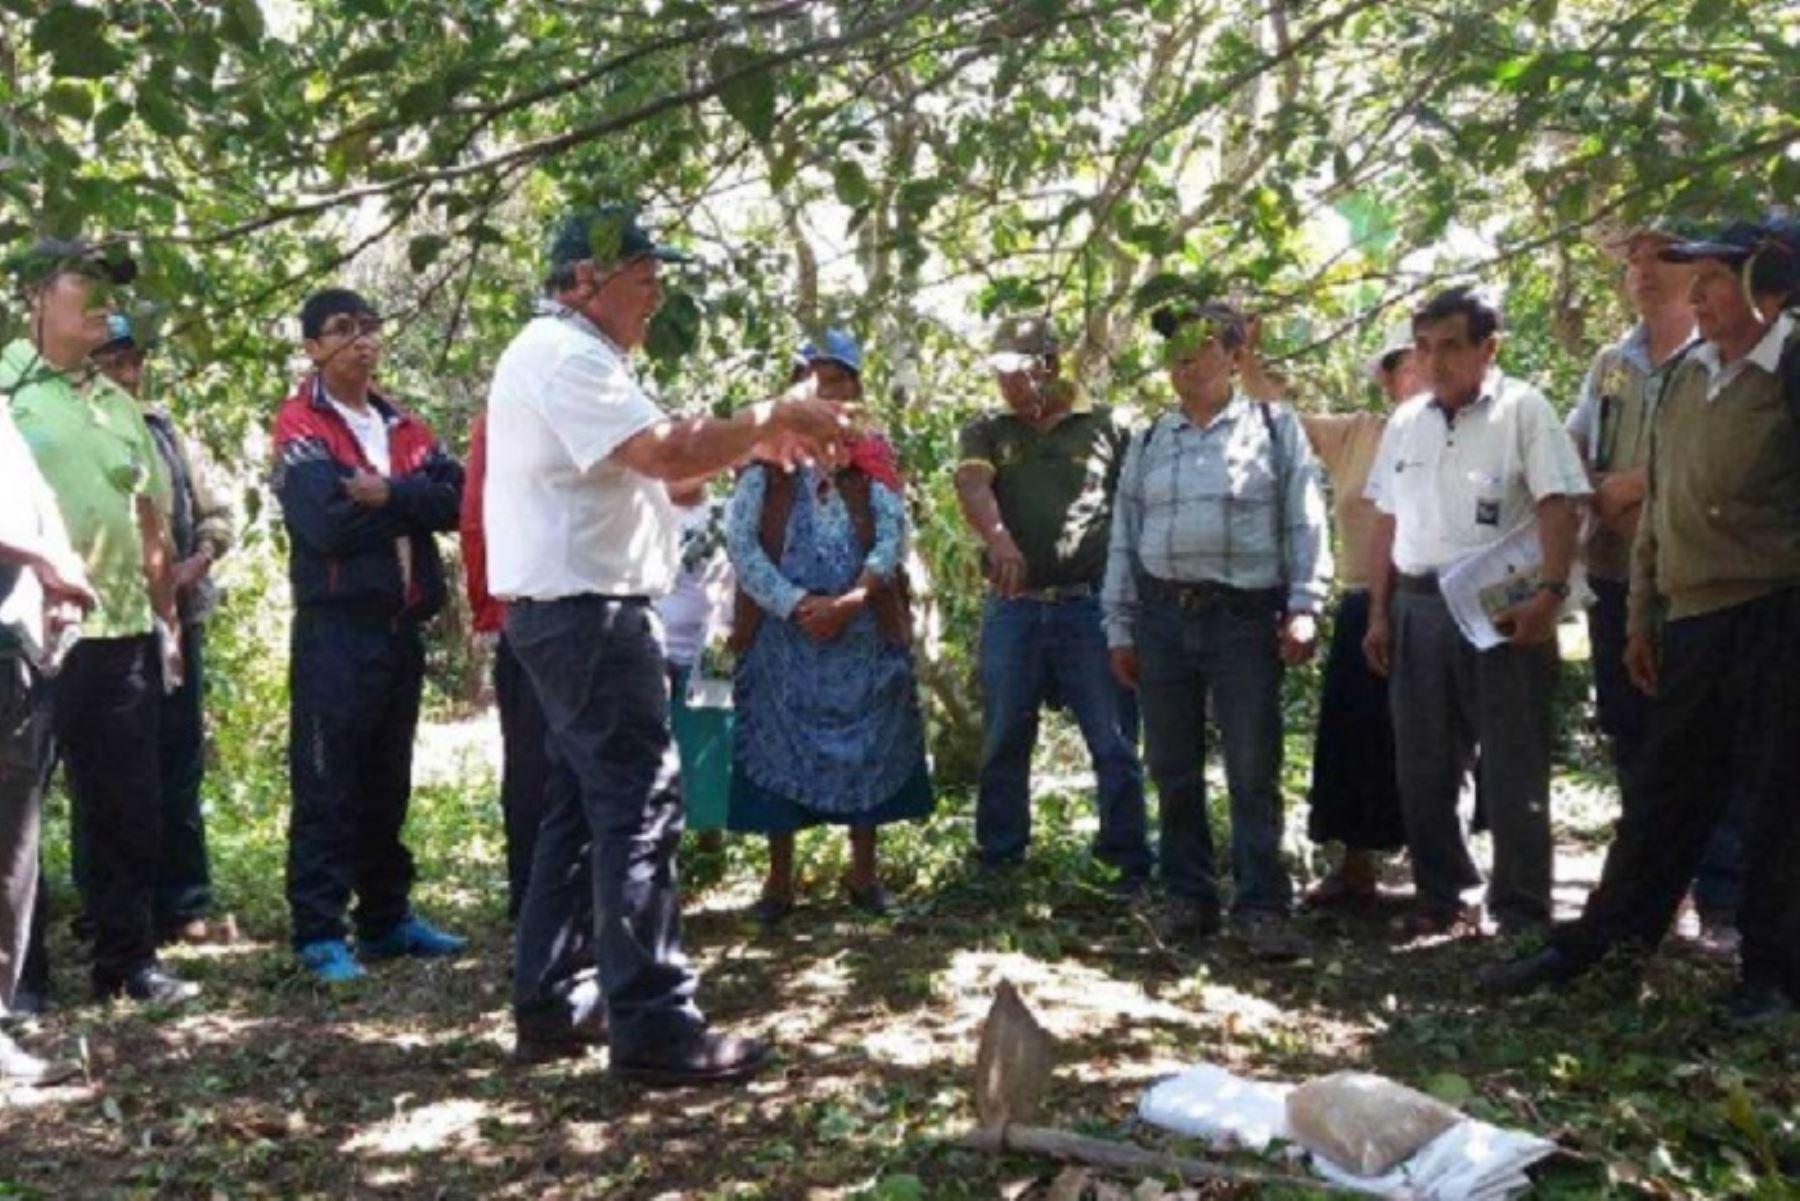 Más de 80 productores de frutas y café del distrito de San Pedro de Putina Punco, en la provincia puneña de Sandia, mejorarán la calidad y productividad de sus cultivos gracias al guano de las islas que el Ministerio de Agricultura y Riego (Minagri), a través de Agro Rural, distribuye y comercializa en todas las regiones del país.